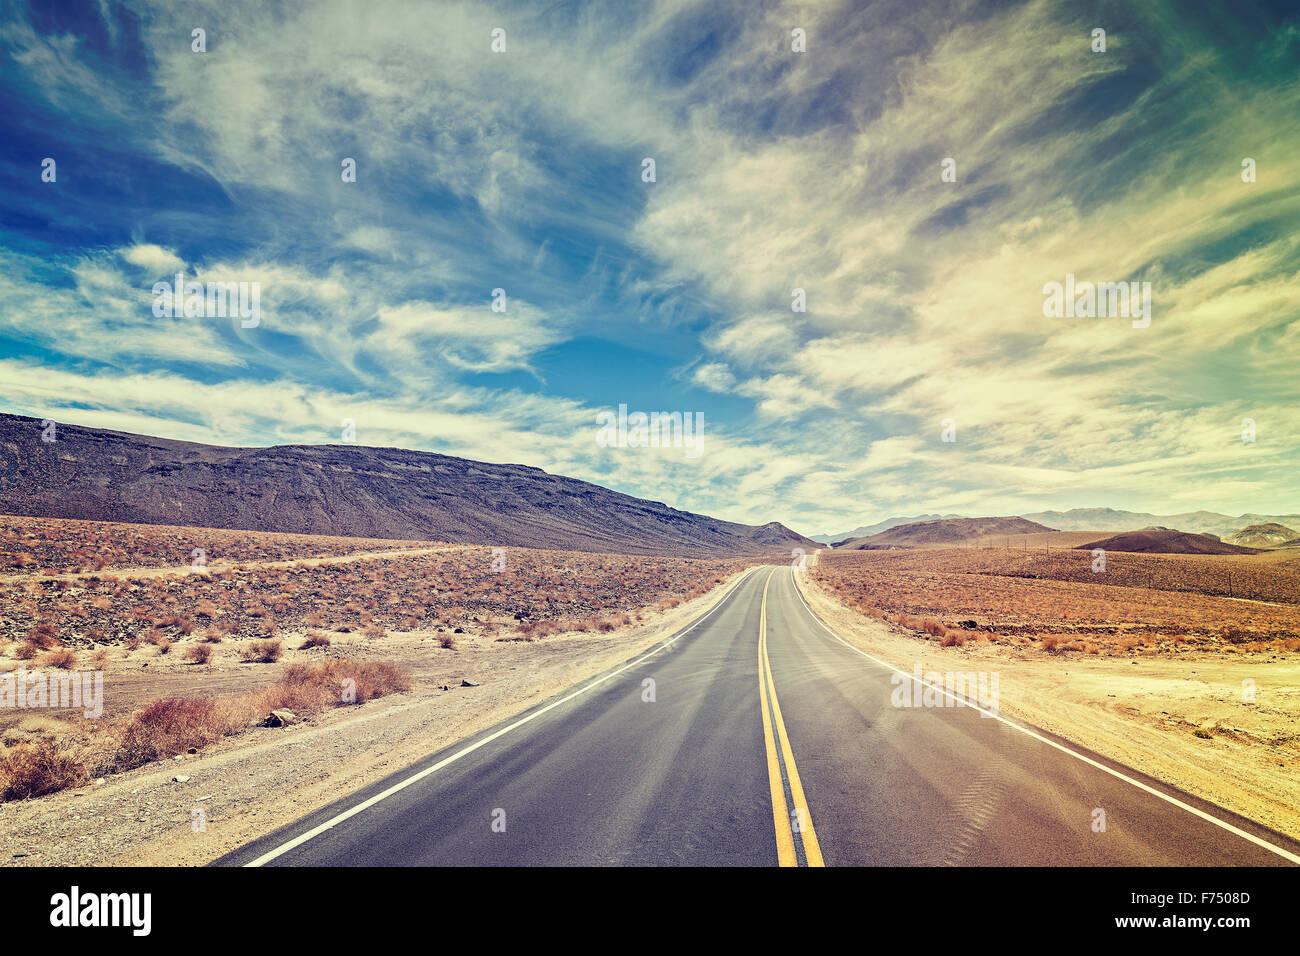 Pays sans fin stylisé Vintage route dans la vallée de la mort, Californie, USA. Photo Stock